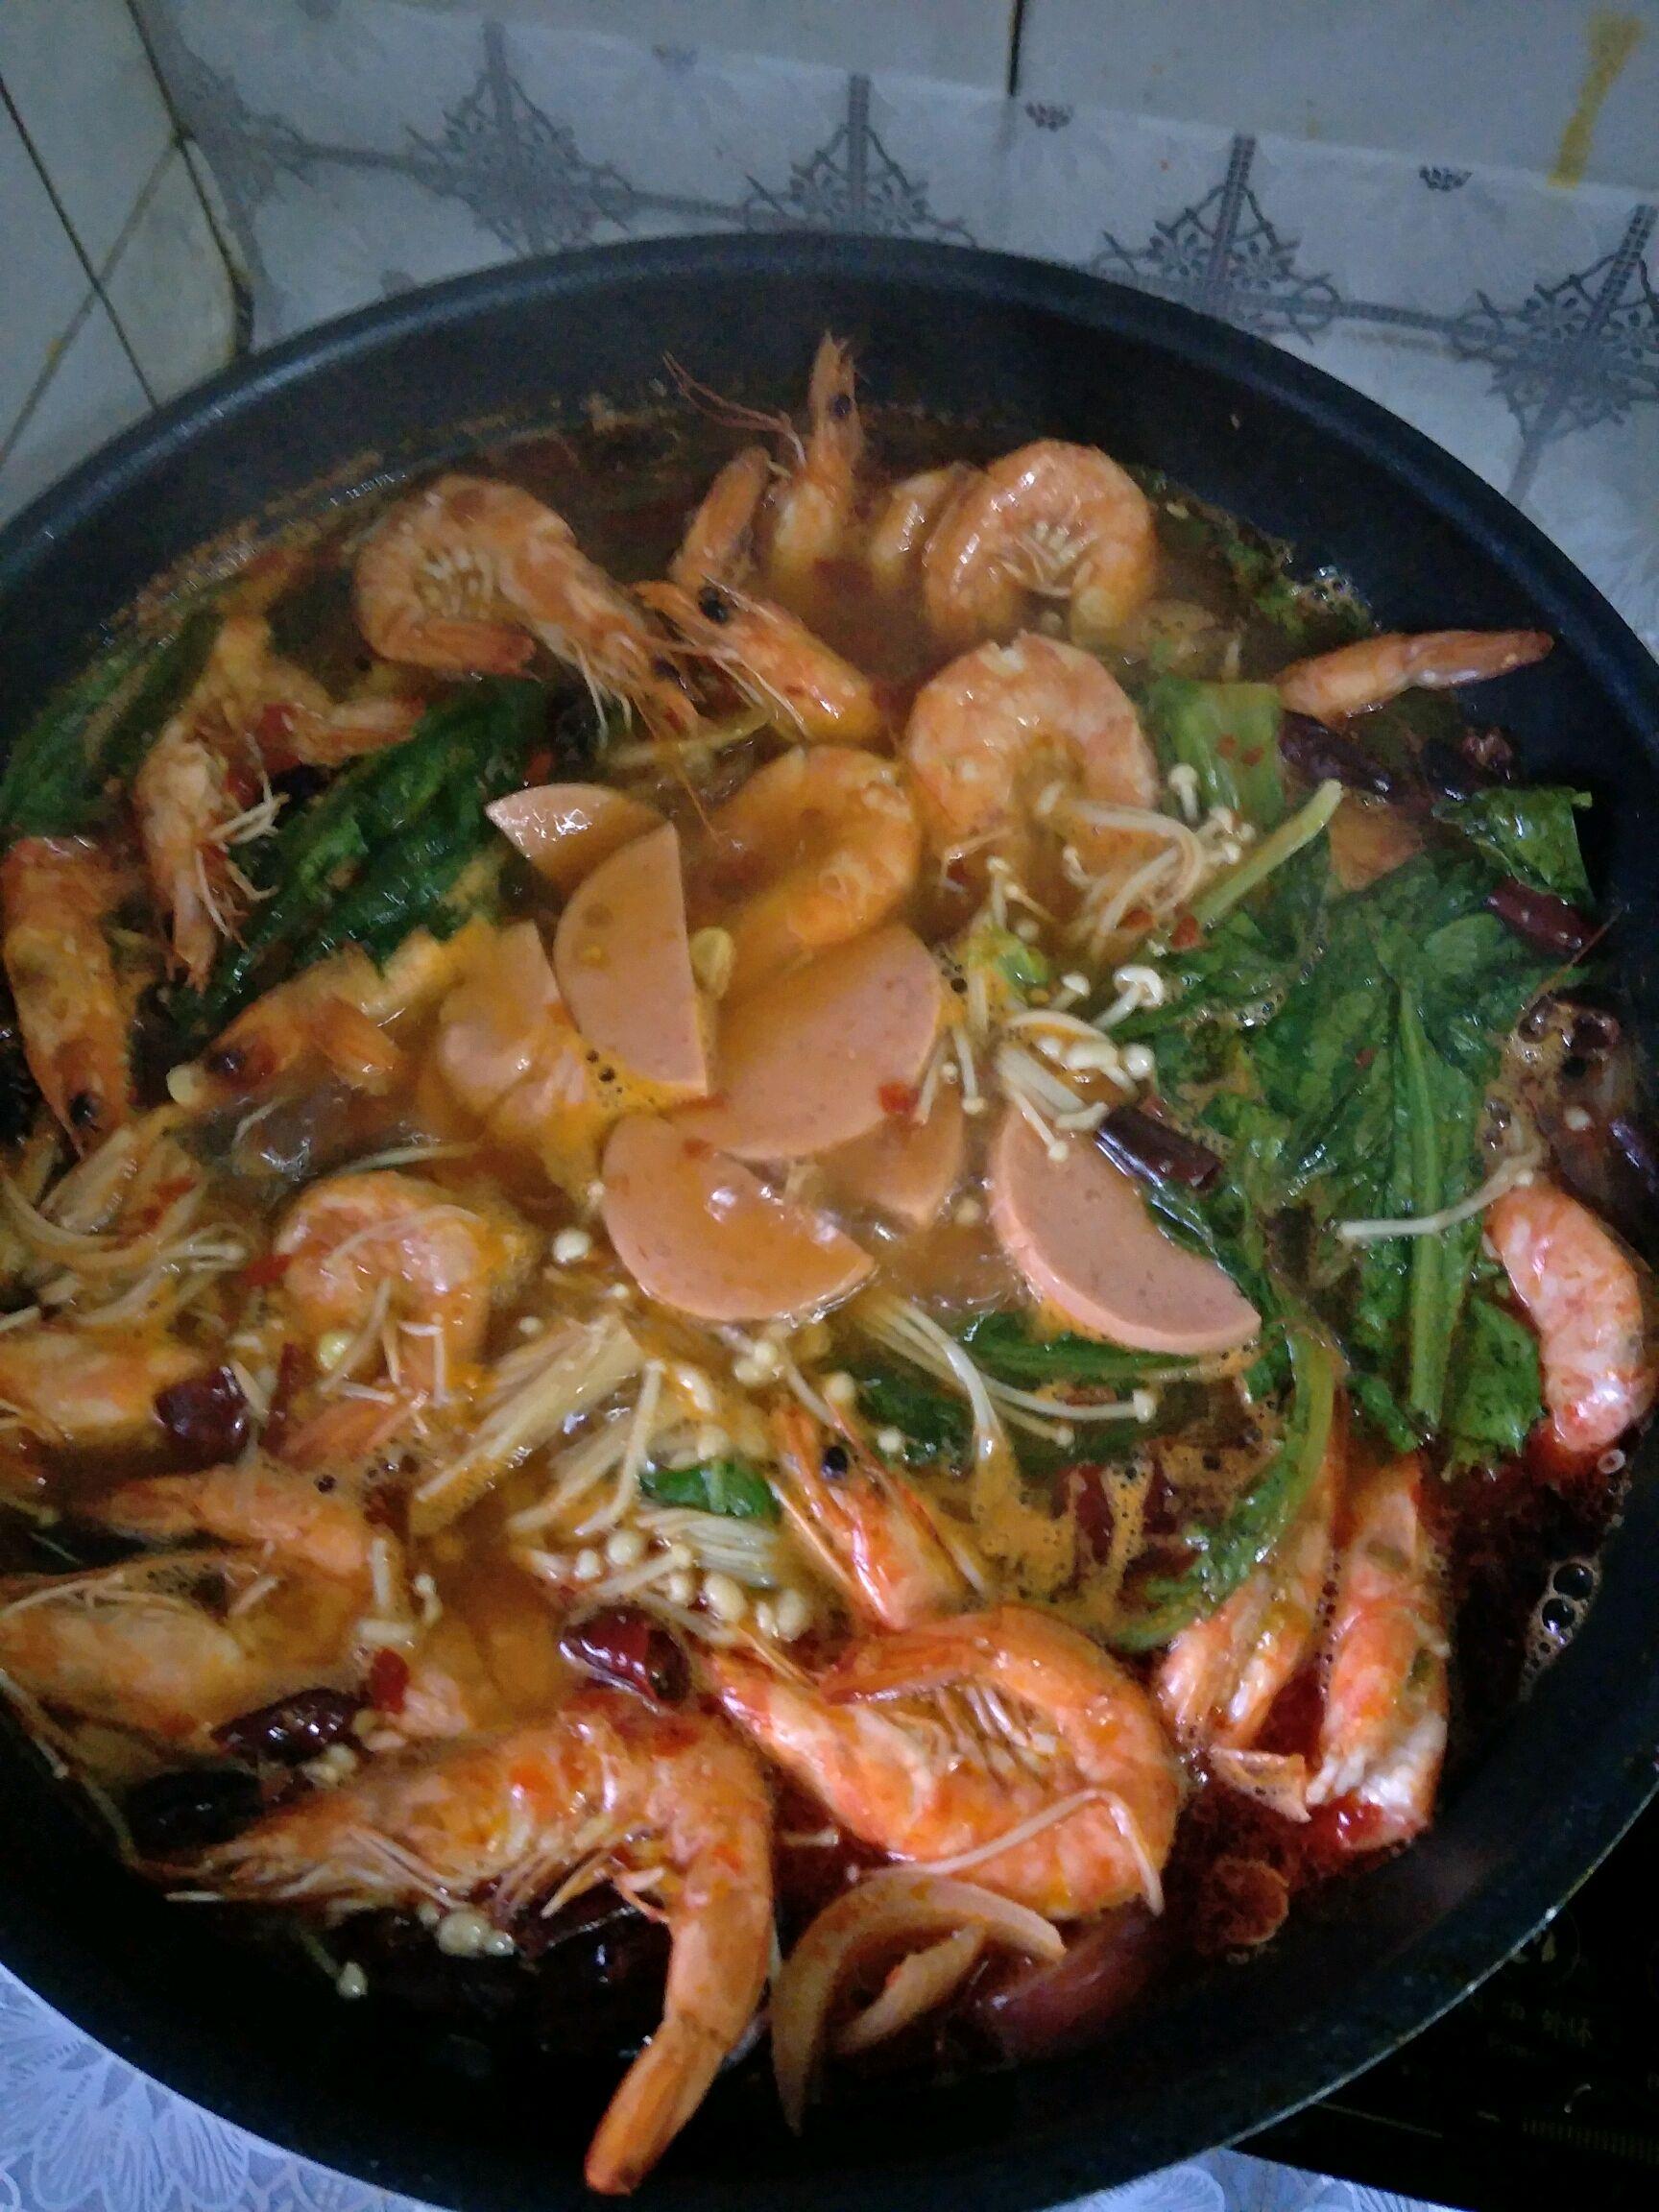 虾吃虾涮的做法步骤        本菜谱的做法由  编写,未经授权不得转载